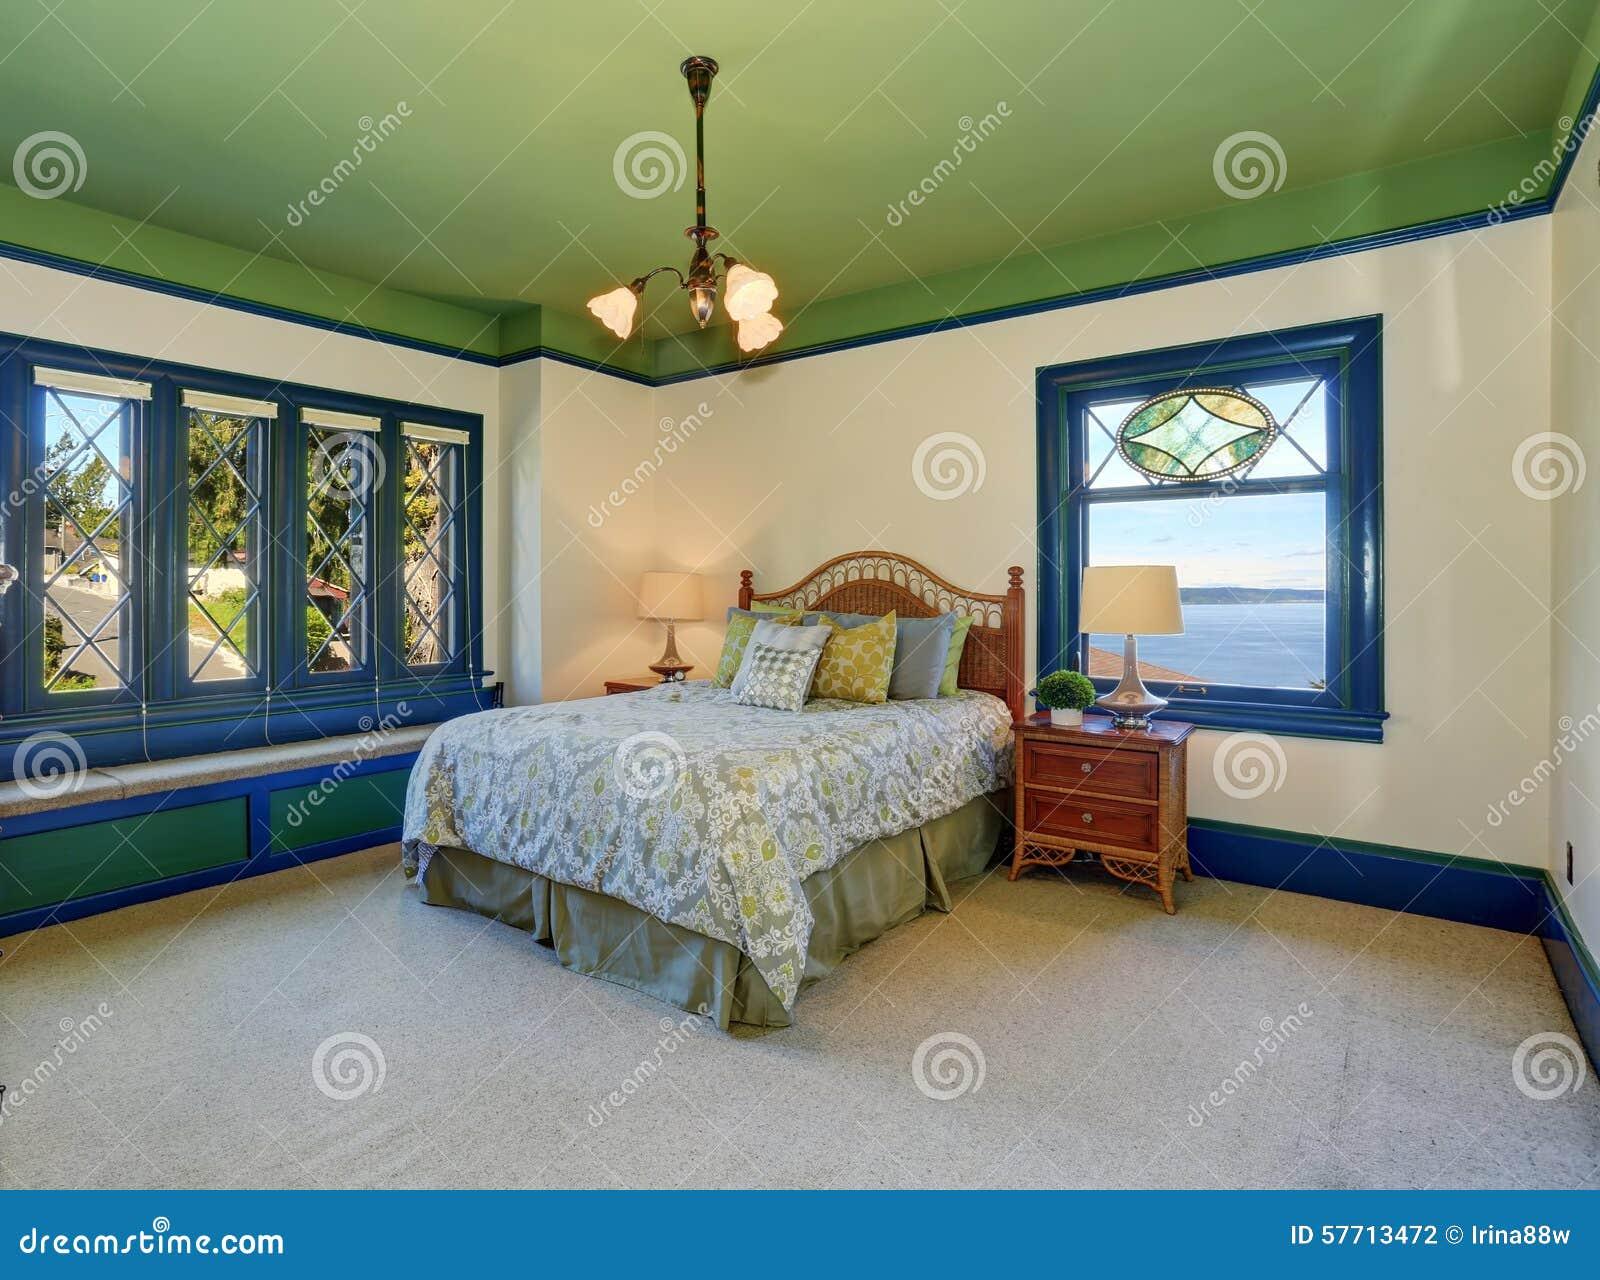 Plafond Coloré De Vert De Chambre à Coucher Photo stock - Image du ...